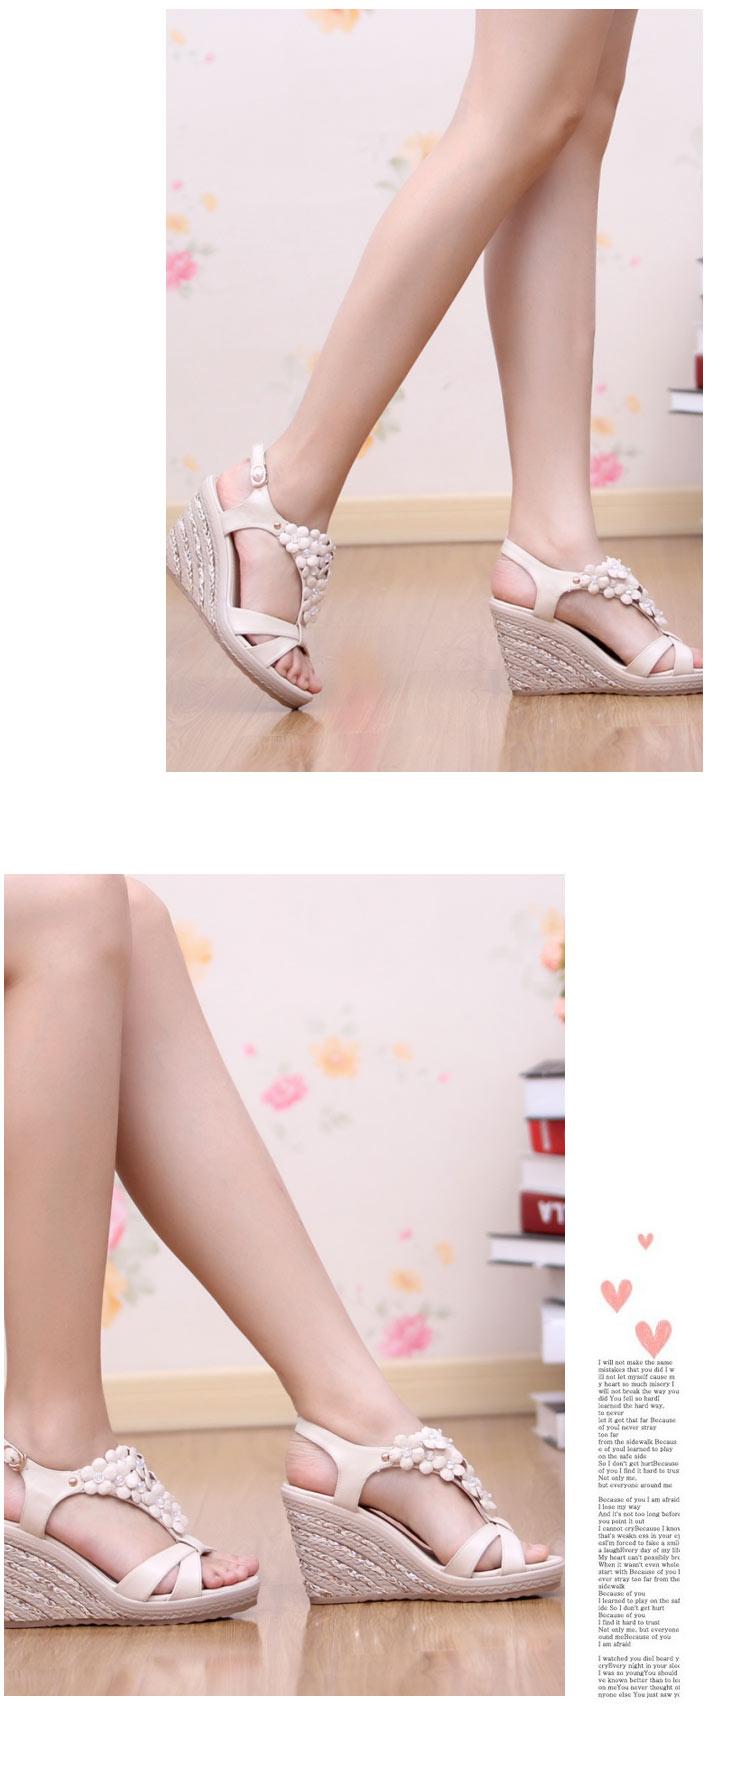 凉鞋/凉拖皇妹2012新款夏季舒适坡跟花朵水钻女凉鞋